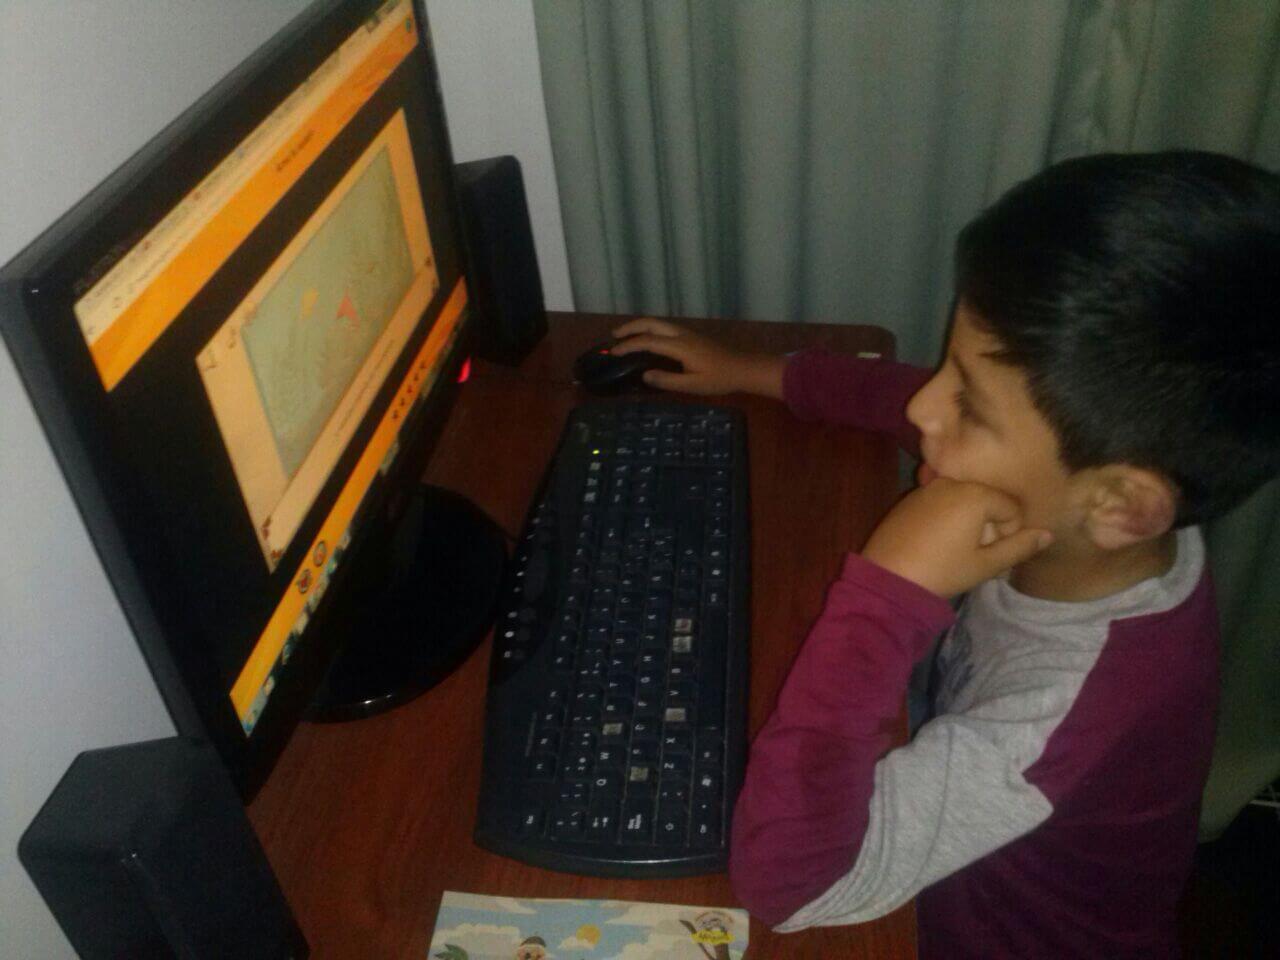 Juegos, aplicaciones, música y videos para niños de homeschoolingo o educación en casa